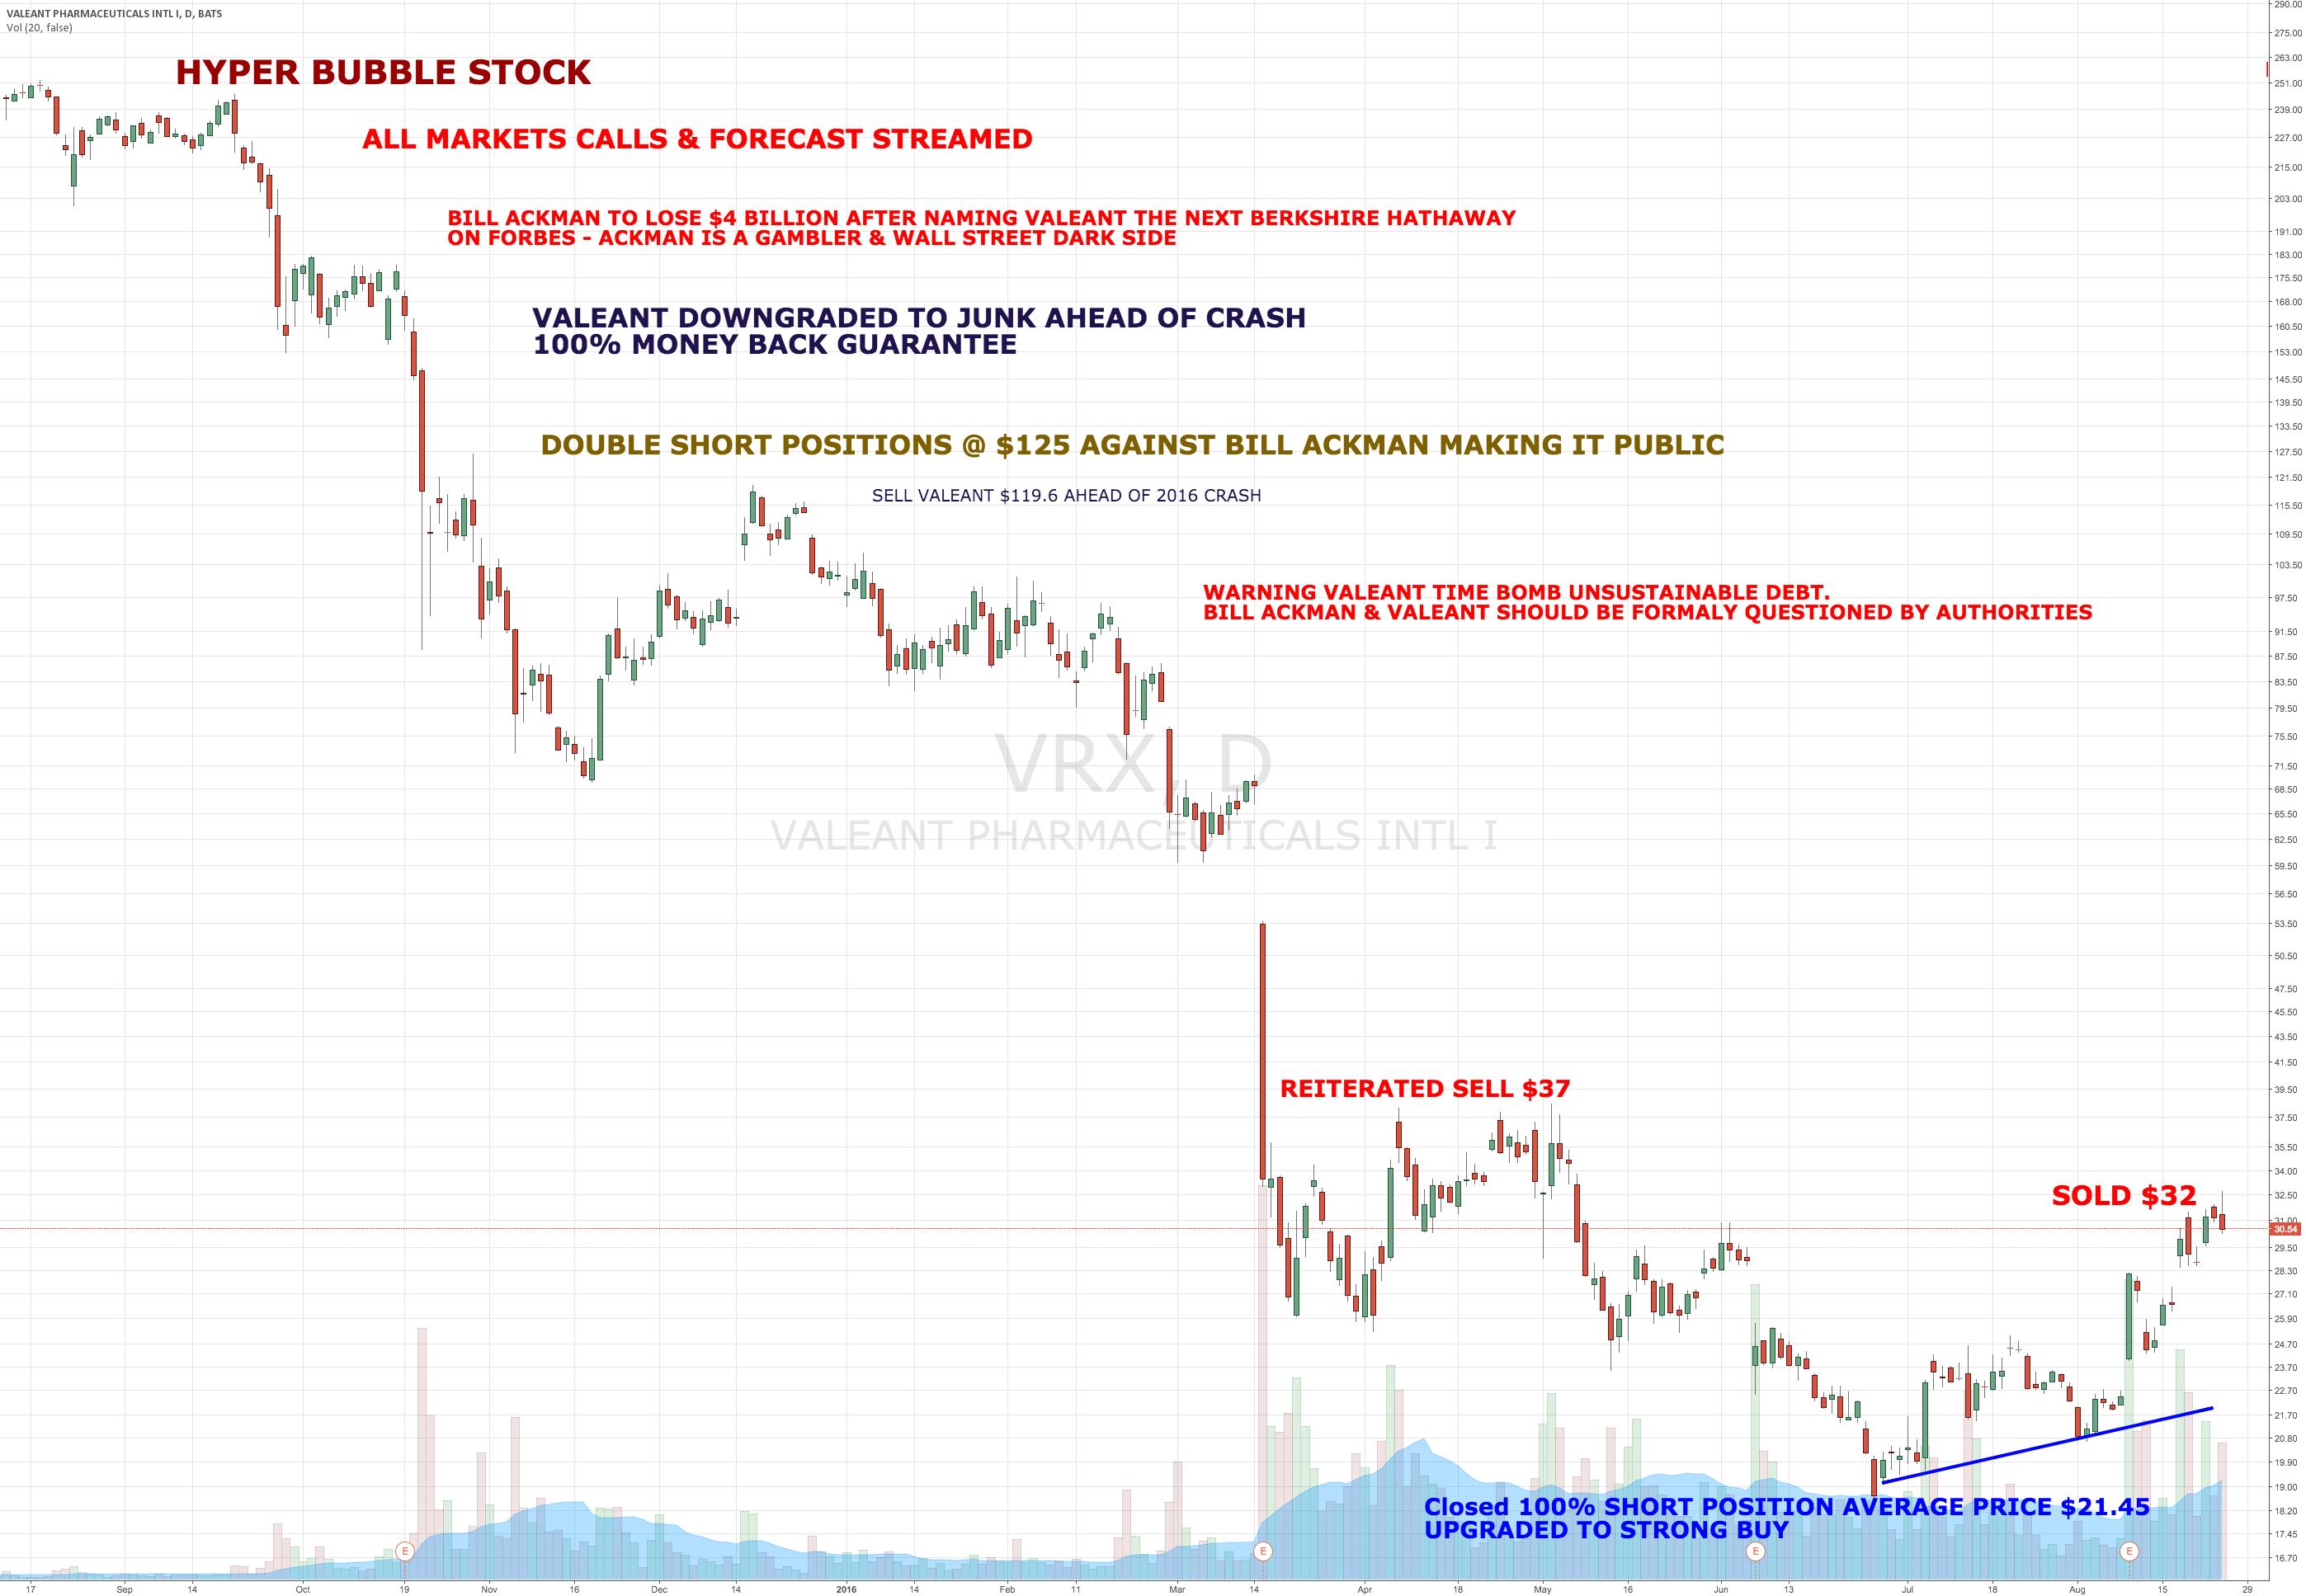 Vieira Sells Valeant on stock analyst upgrades